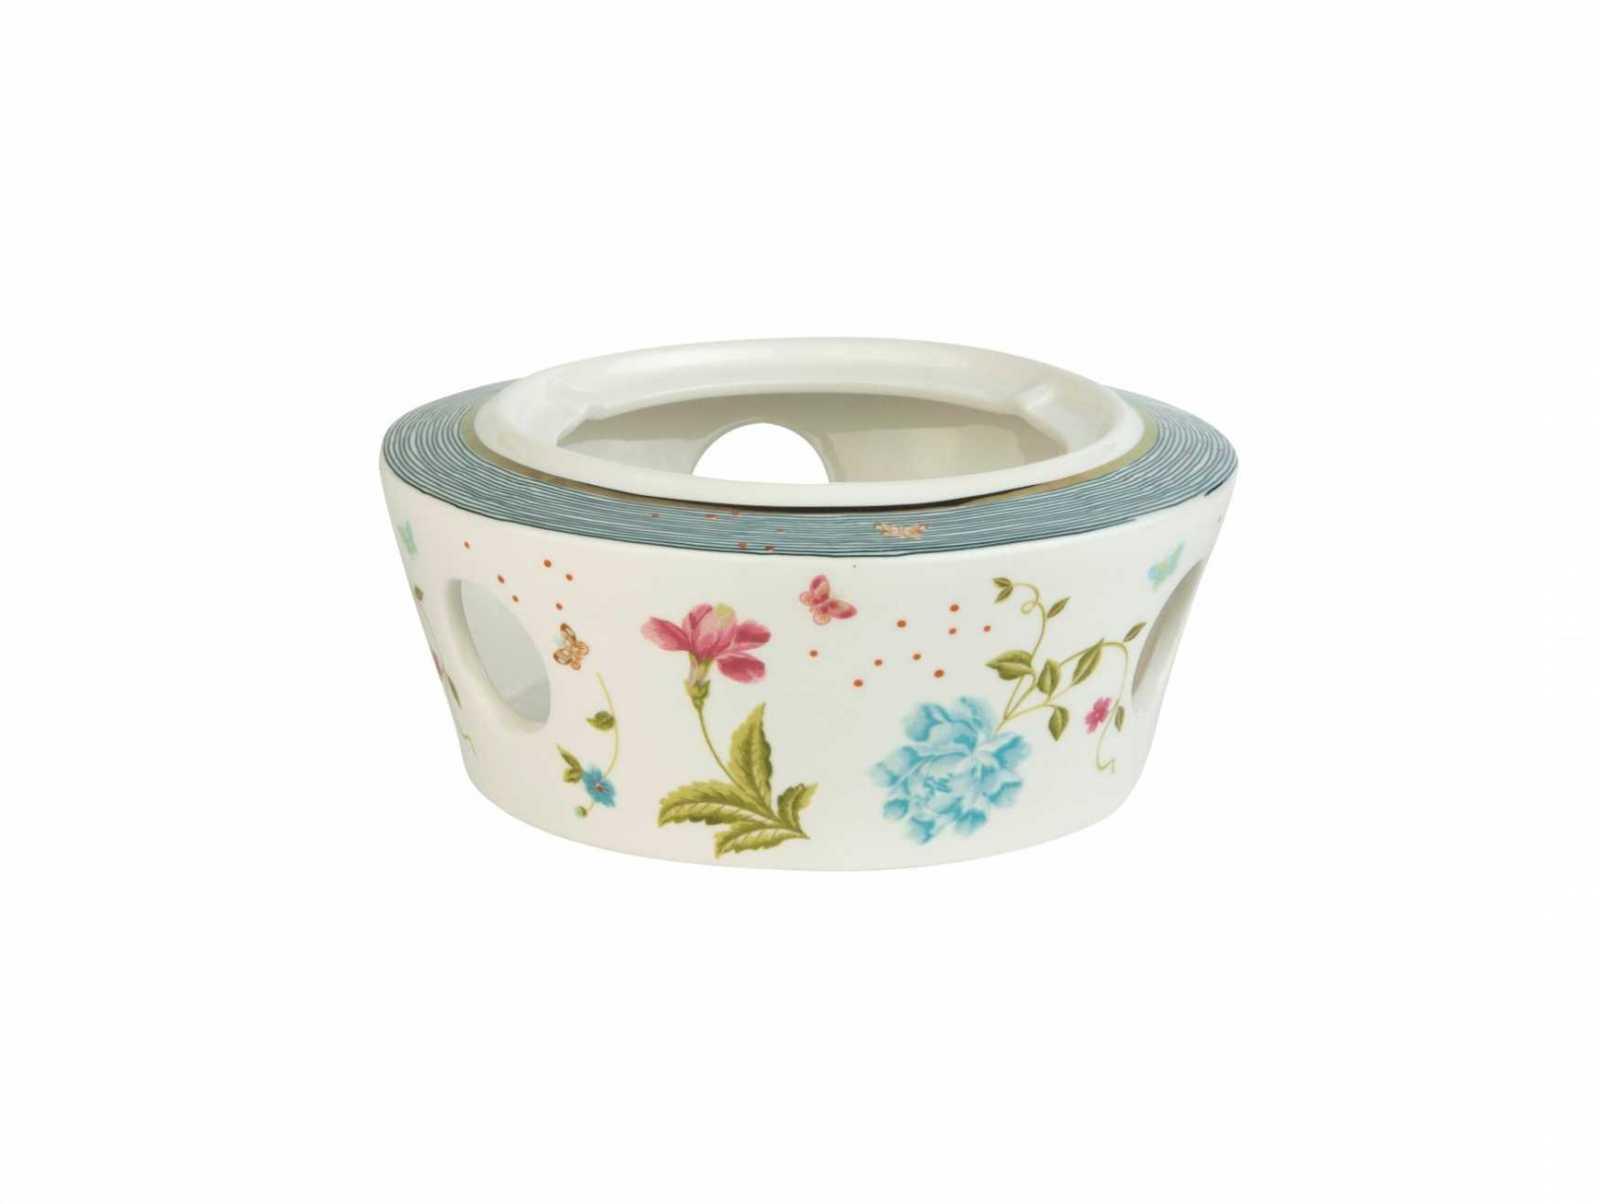 Онлайн каталог PROMENU: Подставка для чайника с подогревом Laura Ashley HERITAGE, белый с цветами и бабочками                               181231